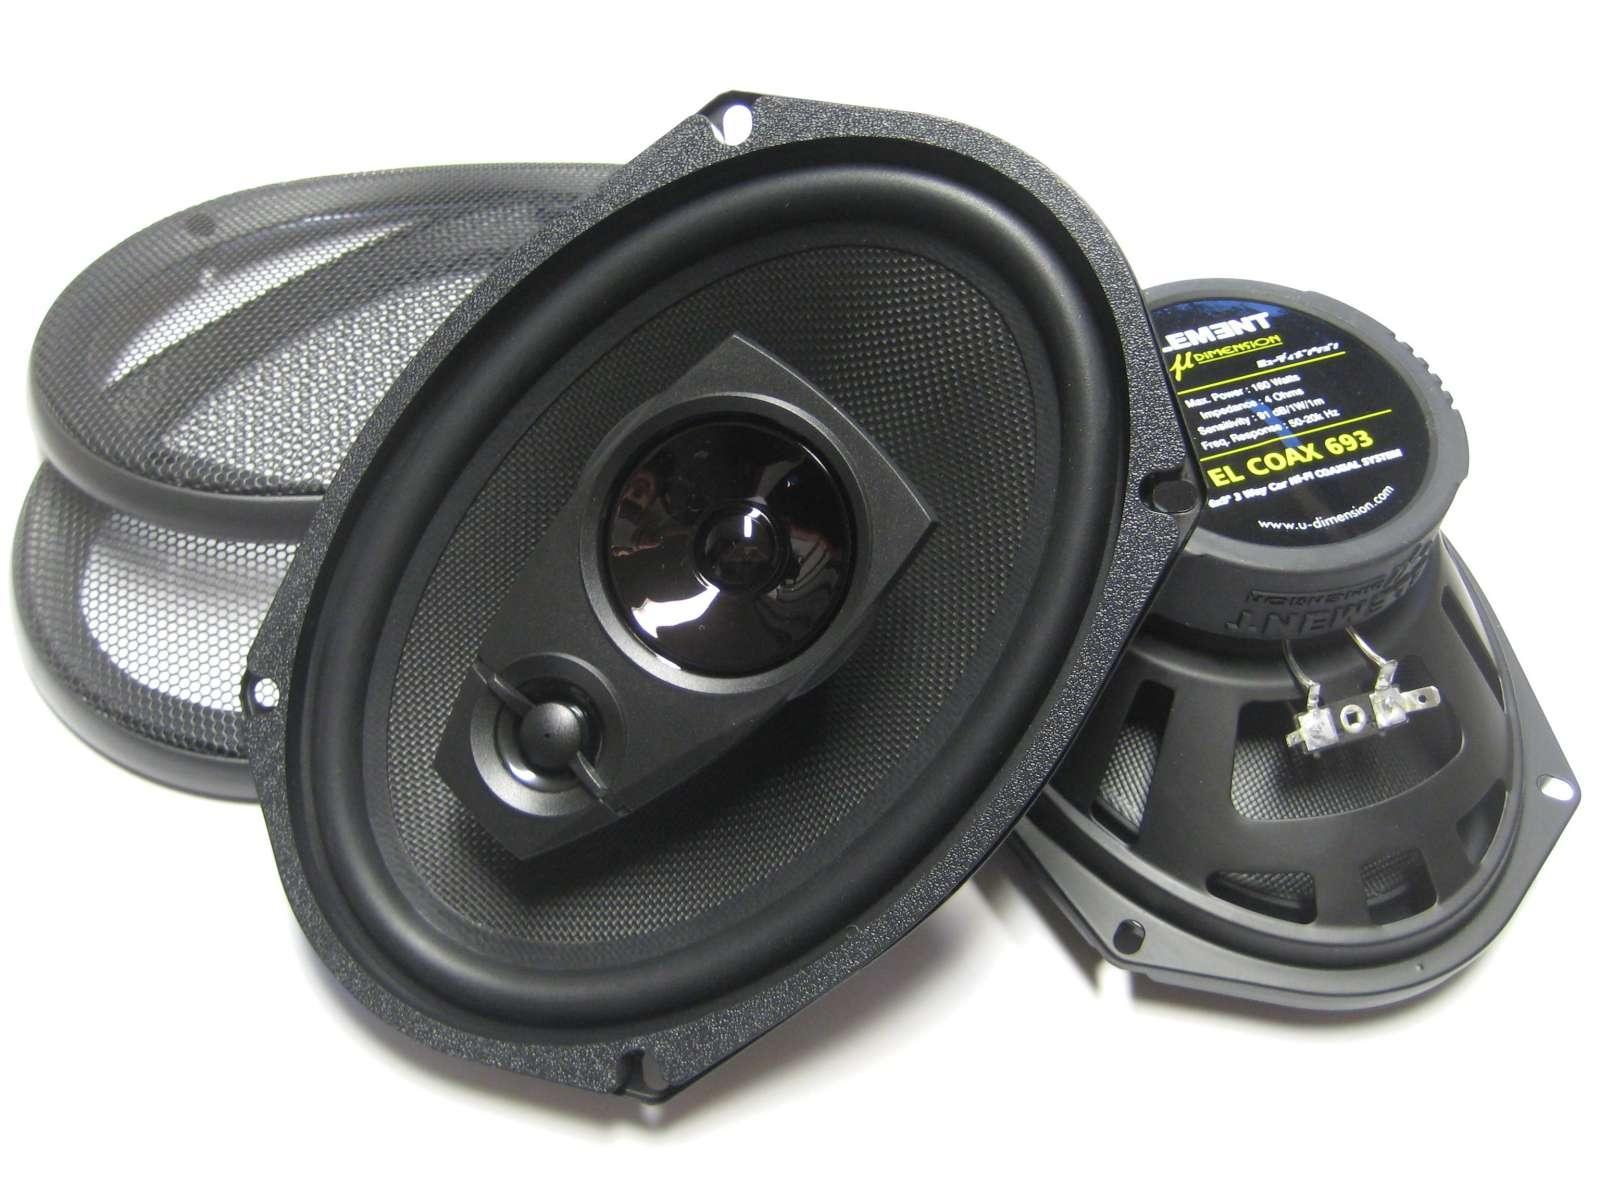 EL Coax 693 / 80 watt rms